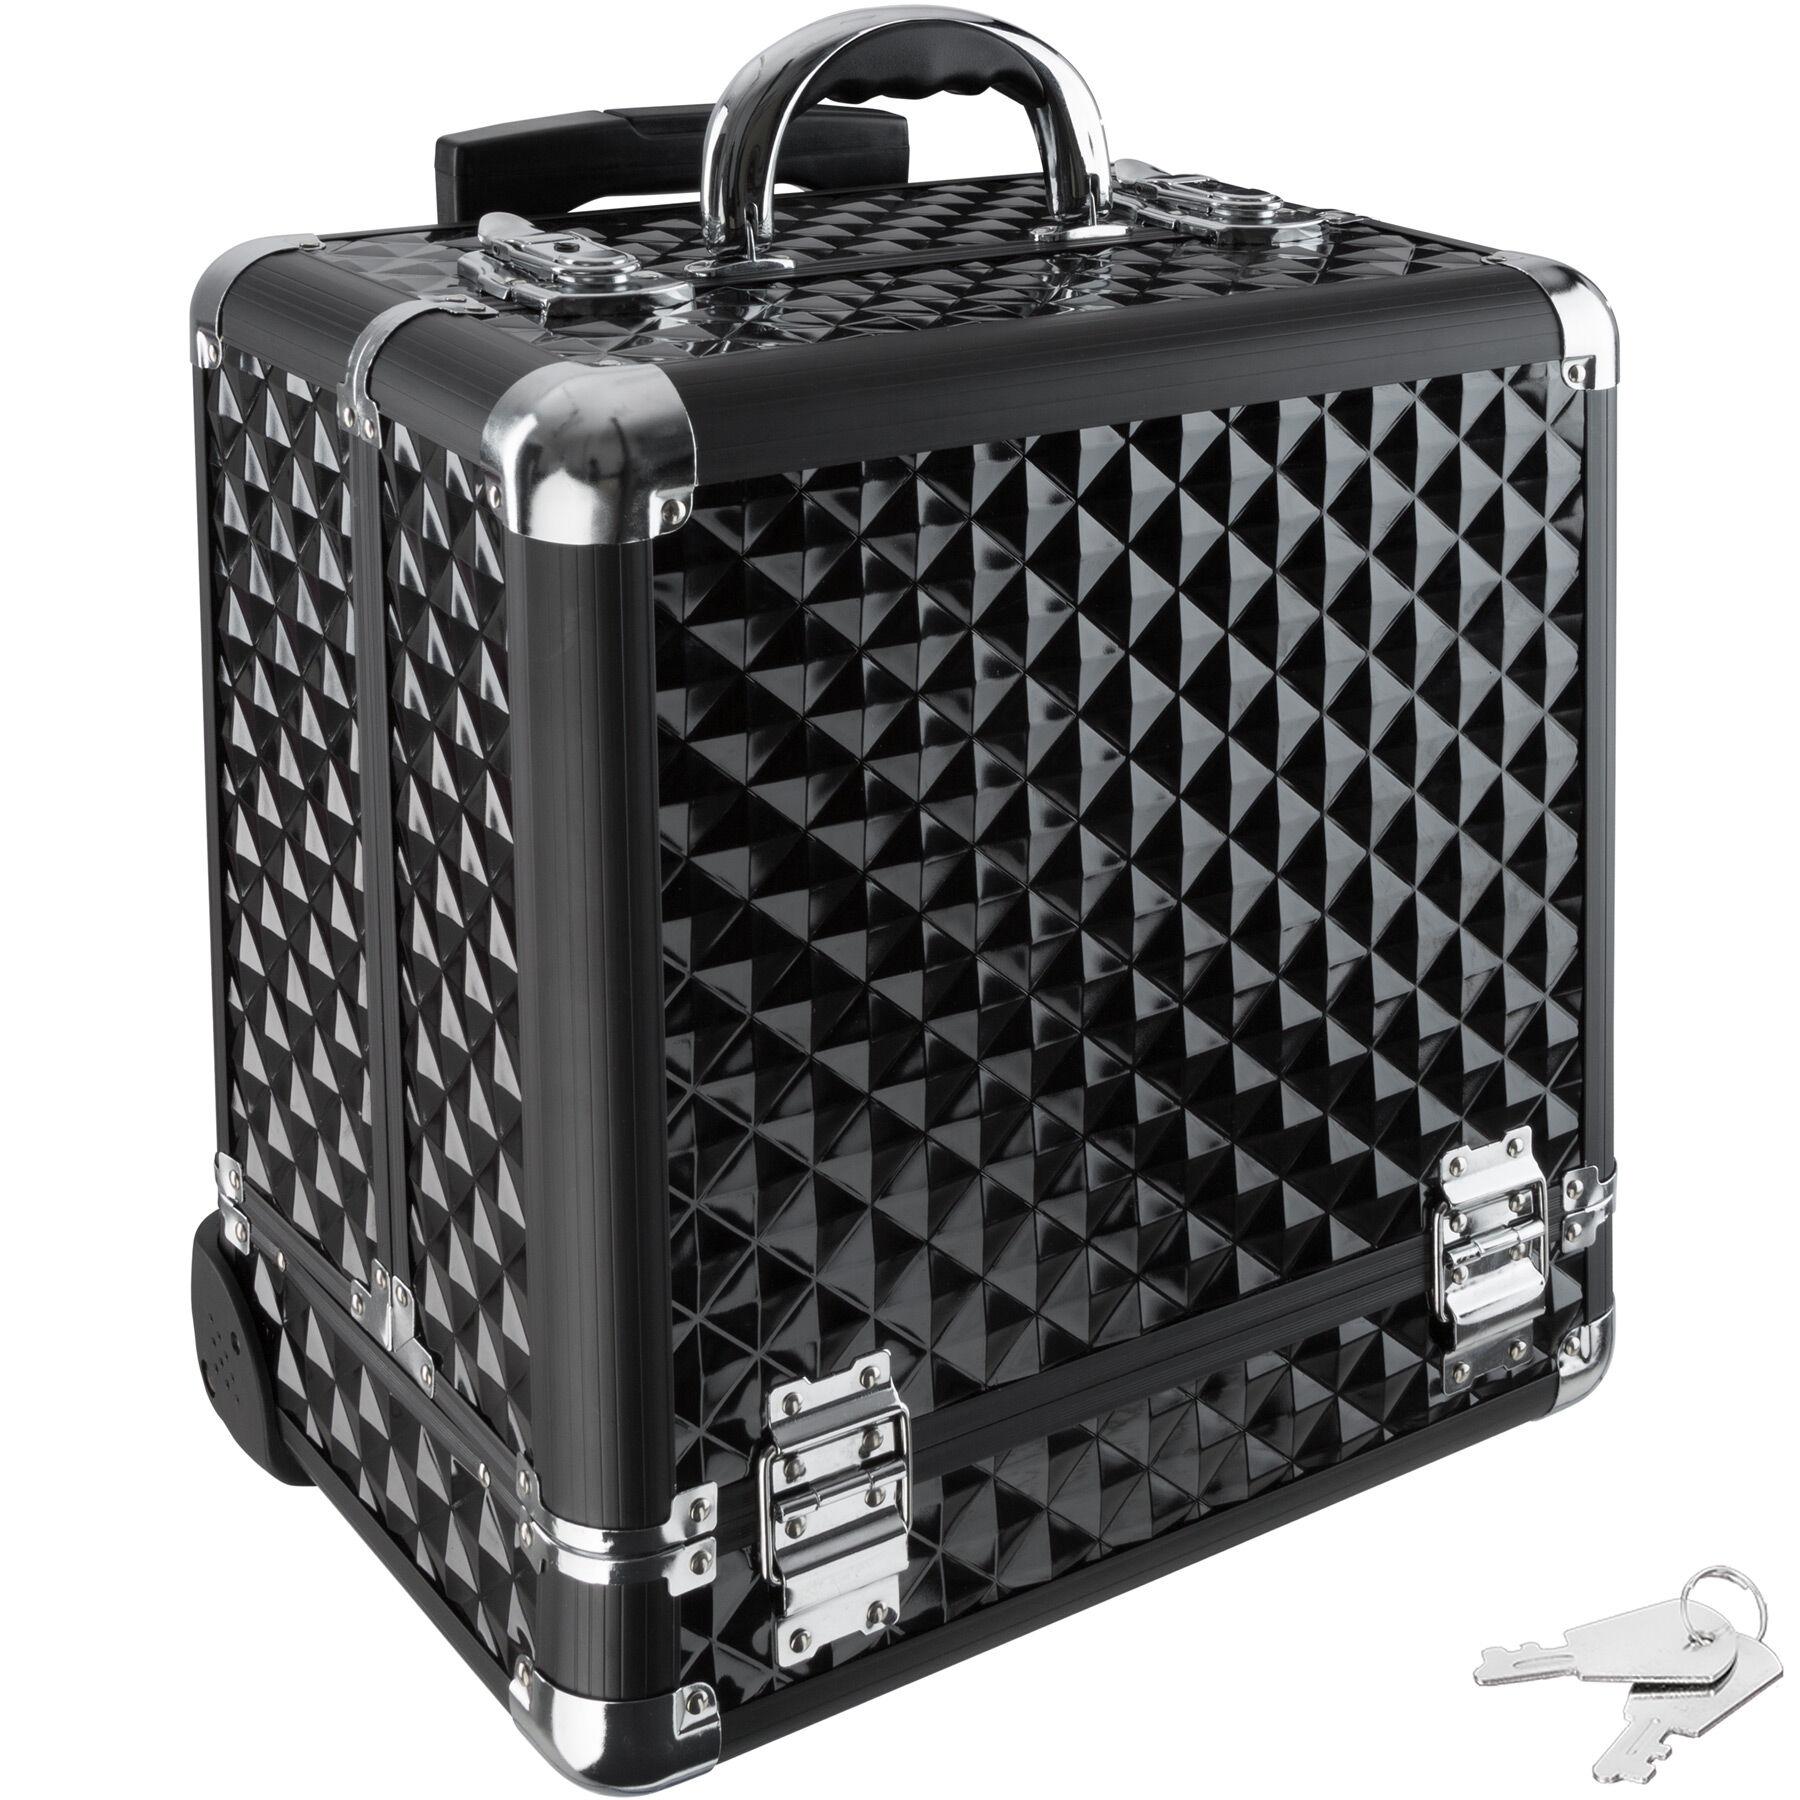 tectake Vanity case with wheels - black